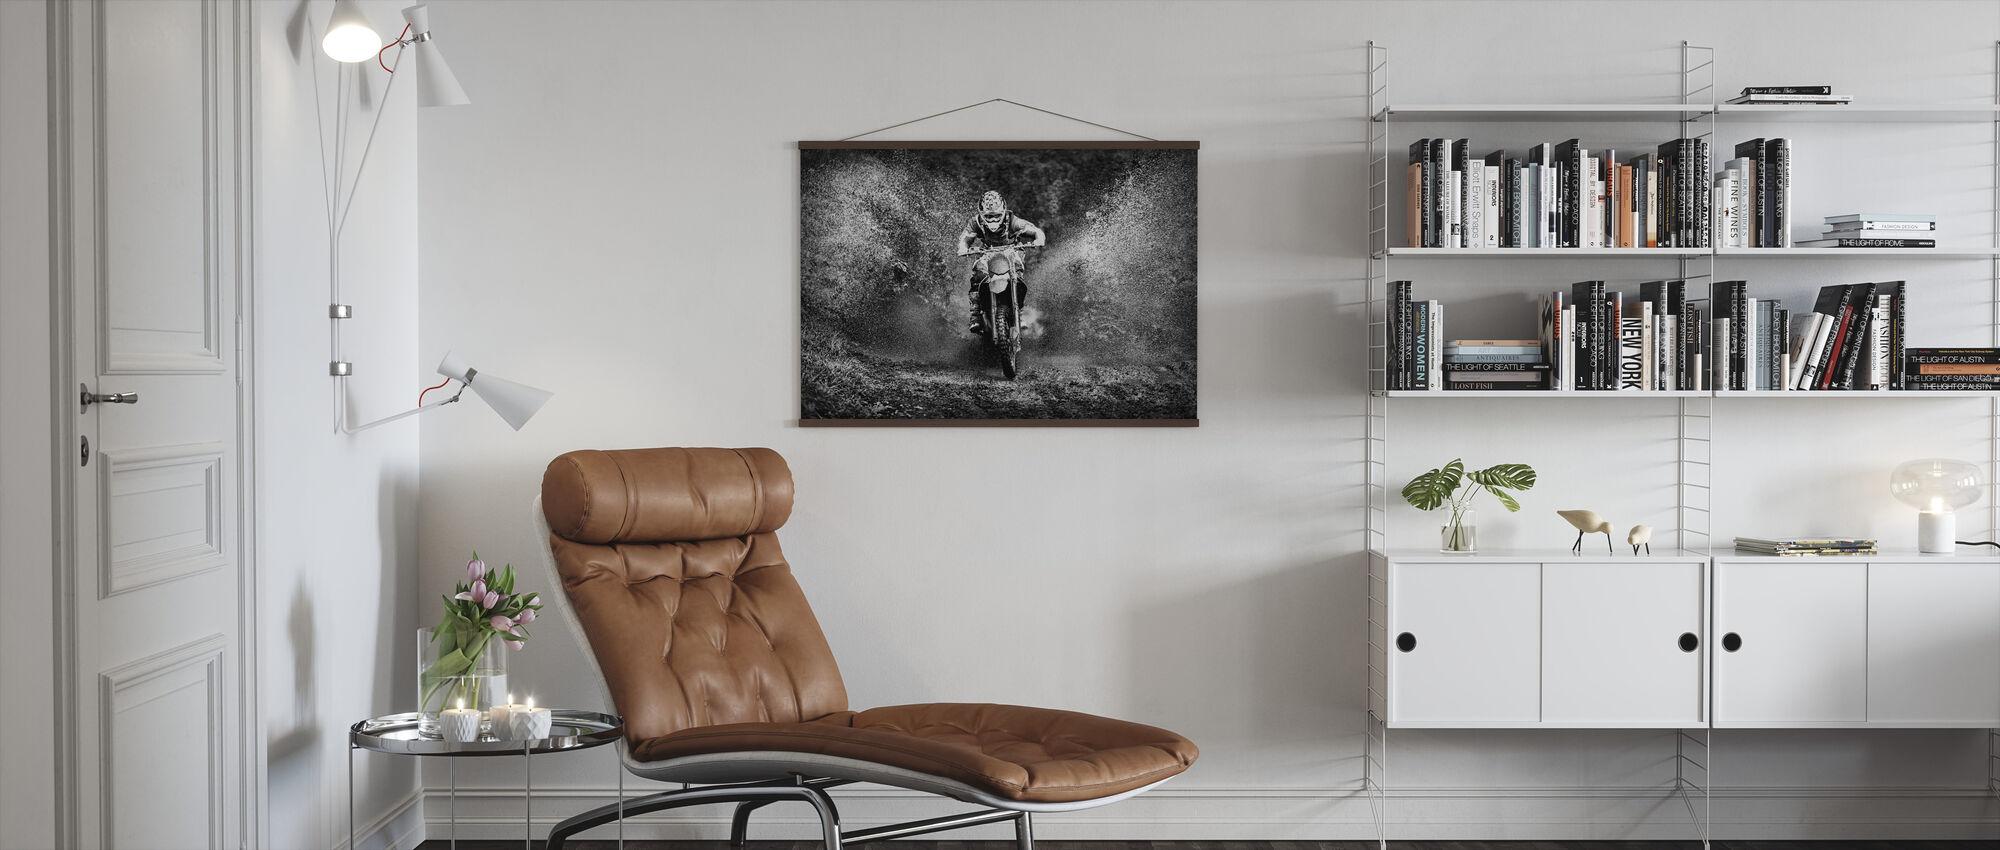 Spray lera motorcykel, svart och vitt - Poster - Vardagsrum